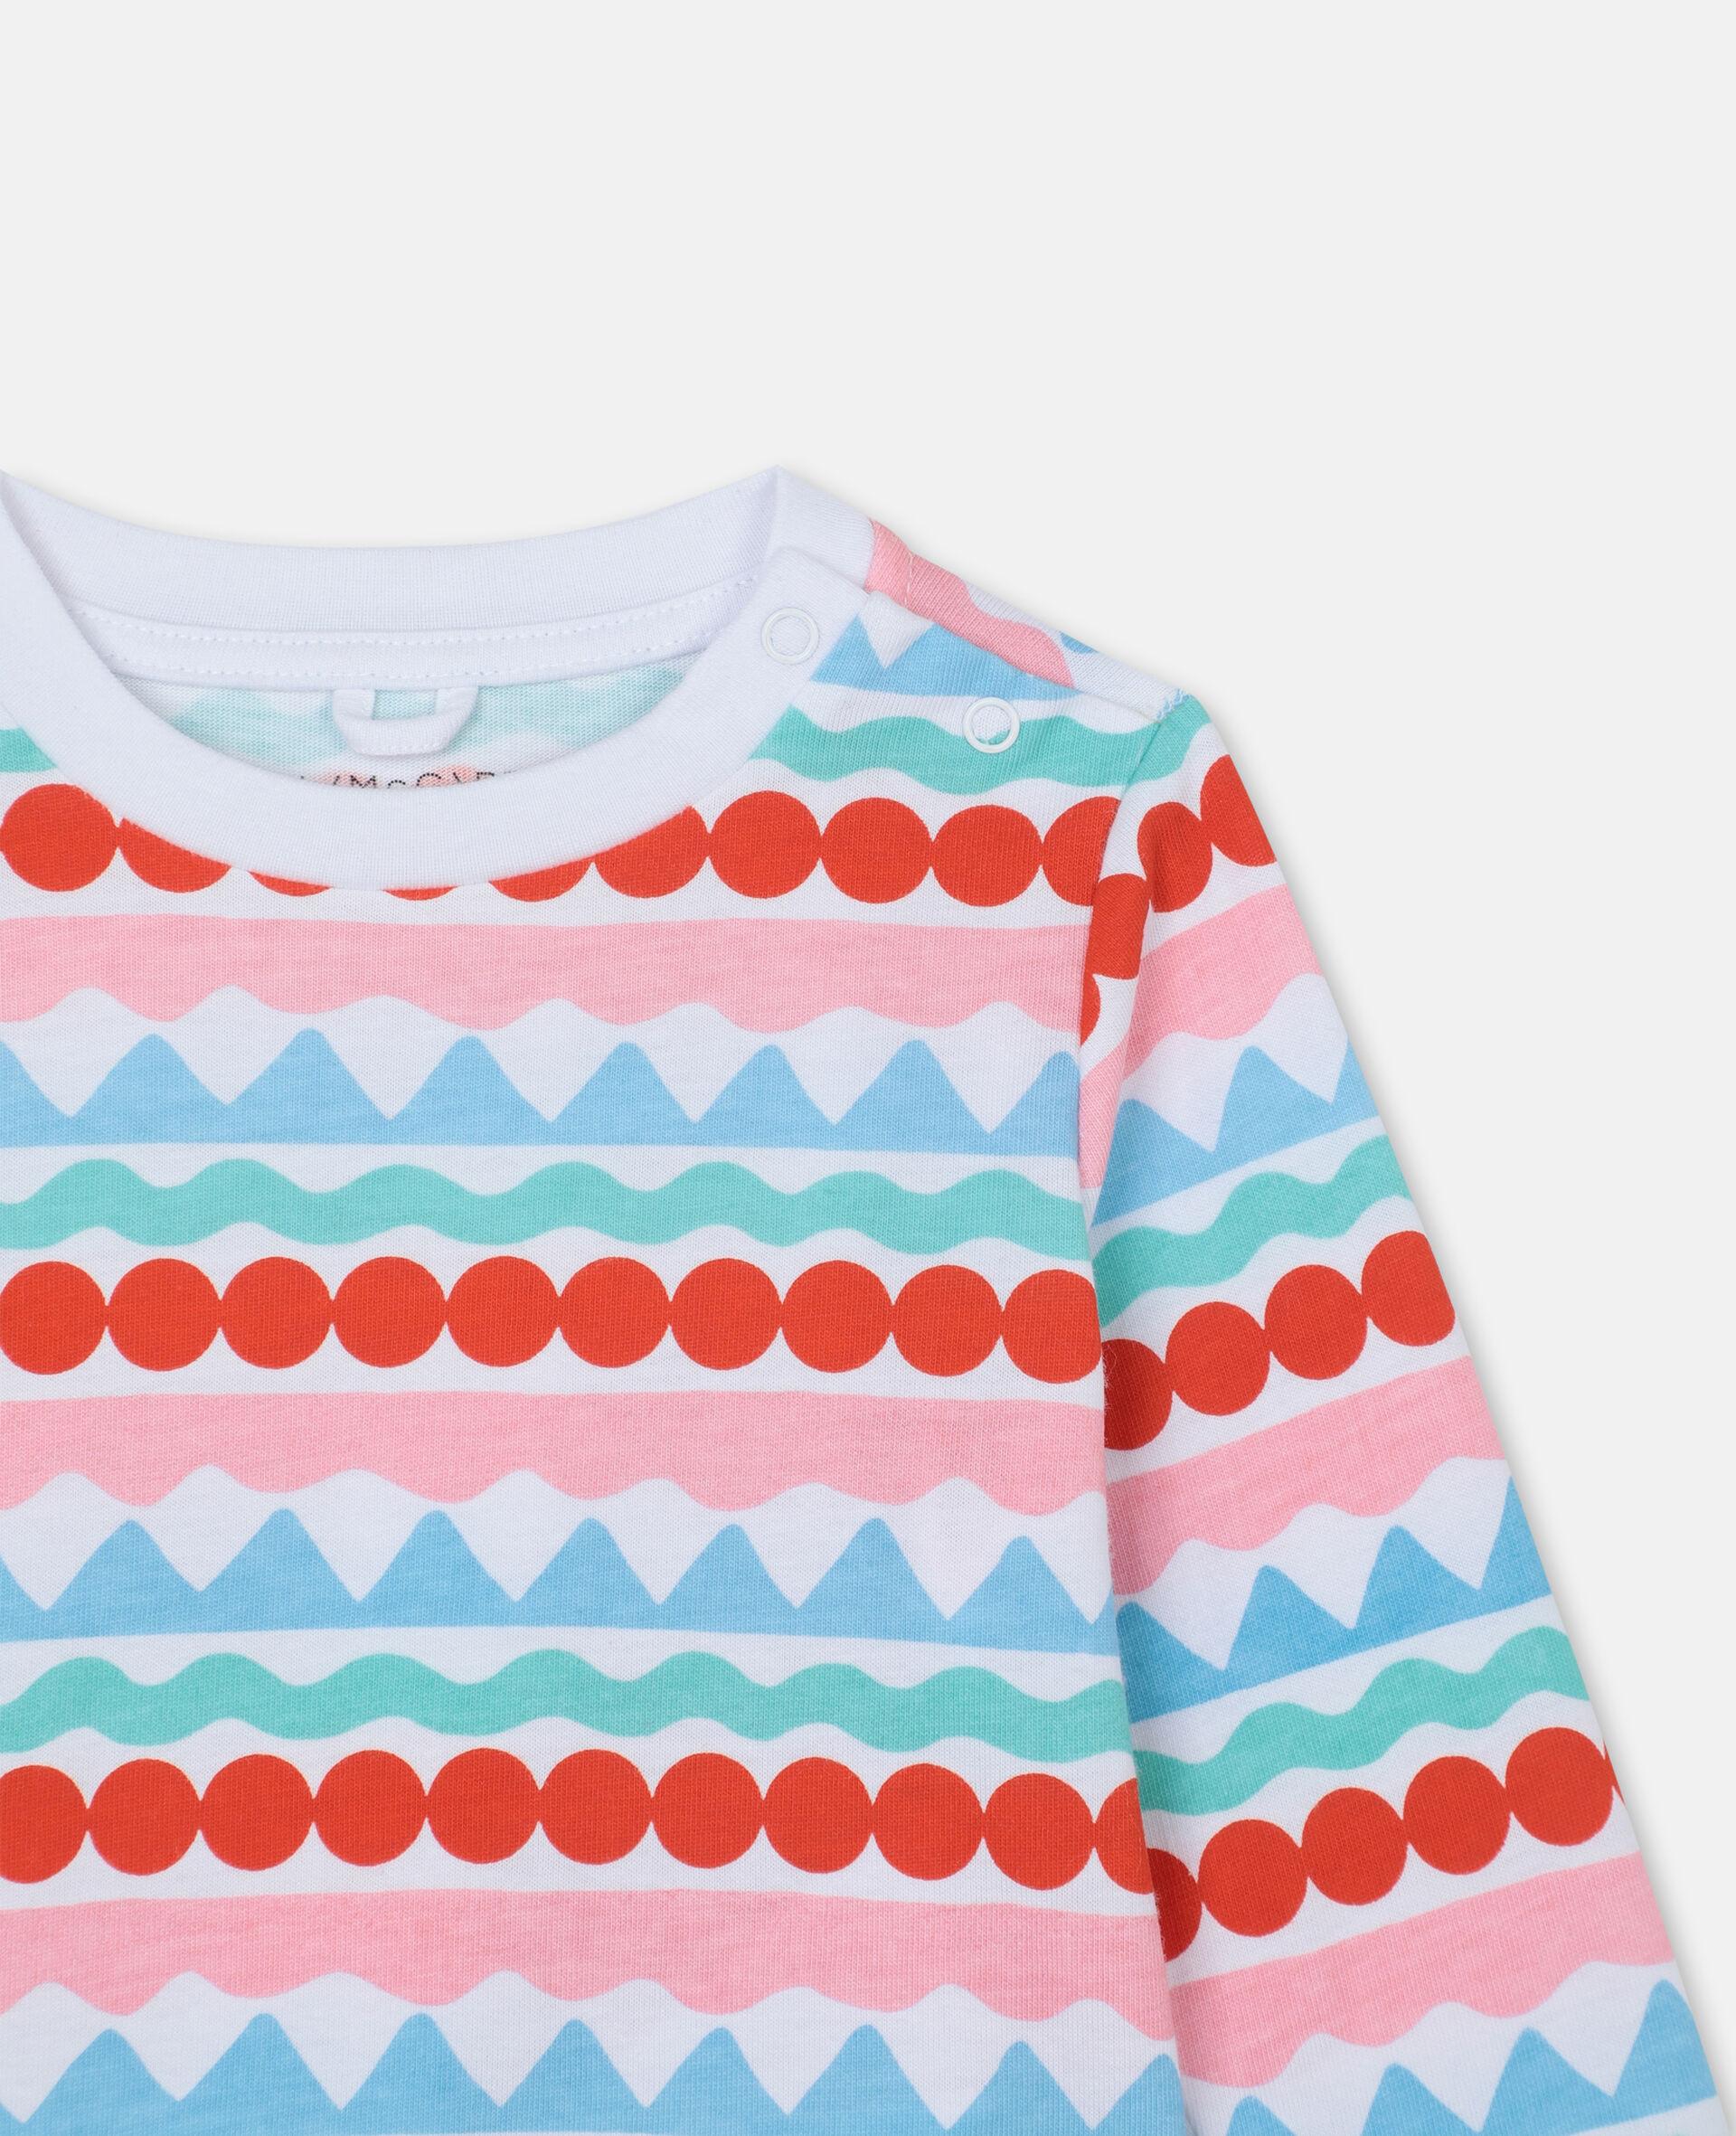 Graphic Stripes Cotton T-shirt-Multicolour-large image number 1